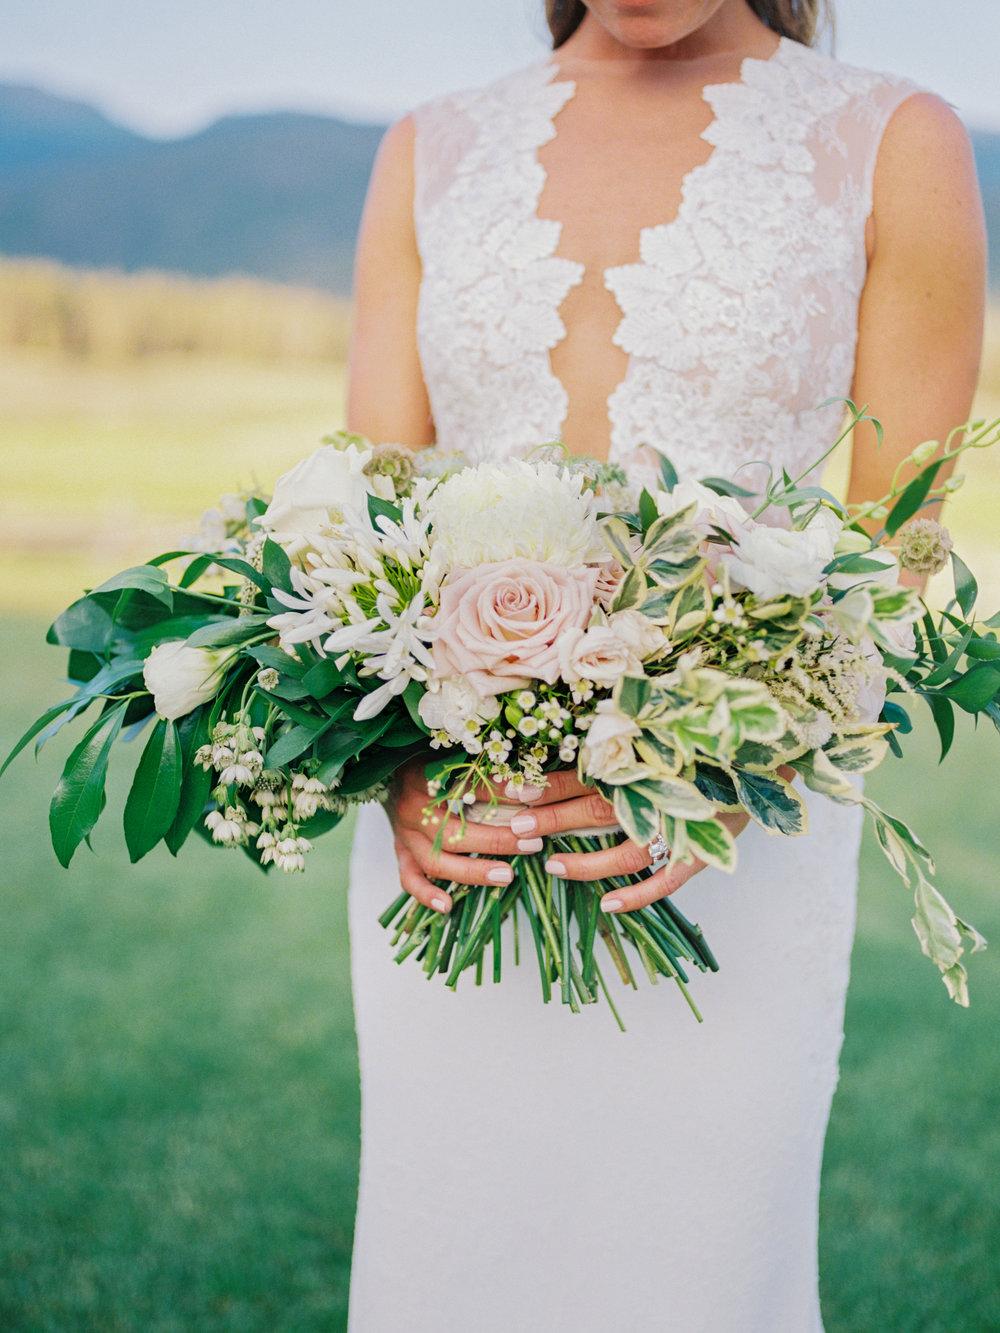 Tara_Bielecki_Photography_Brooke_Bryan_Wedding_507.jpg